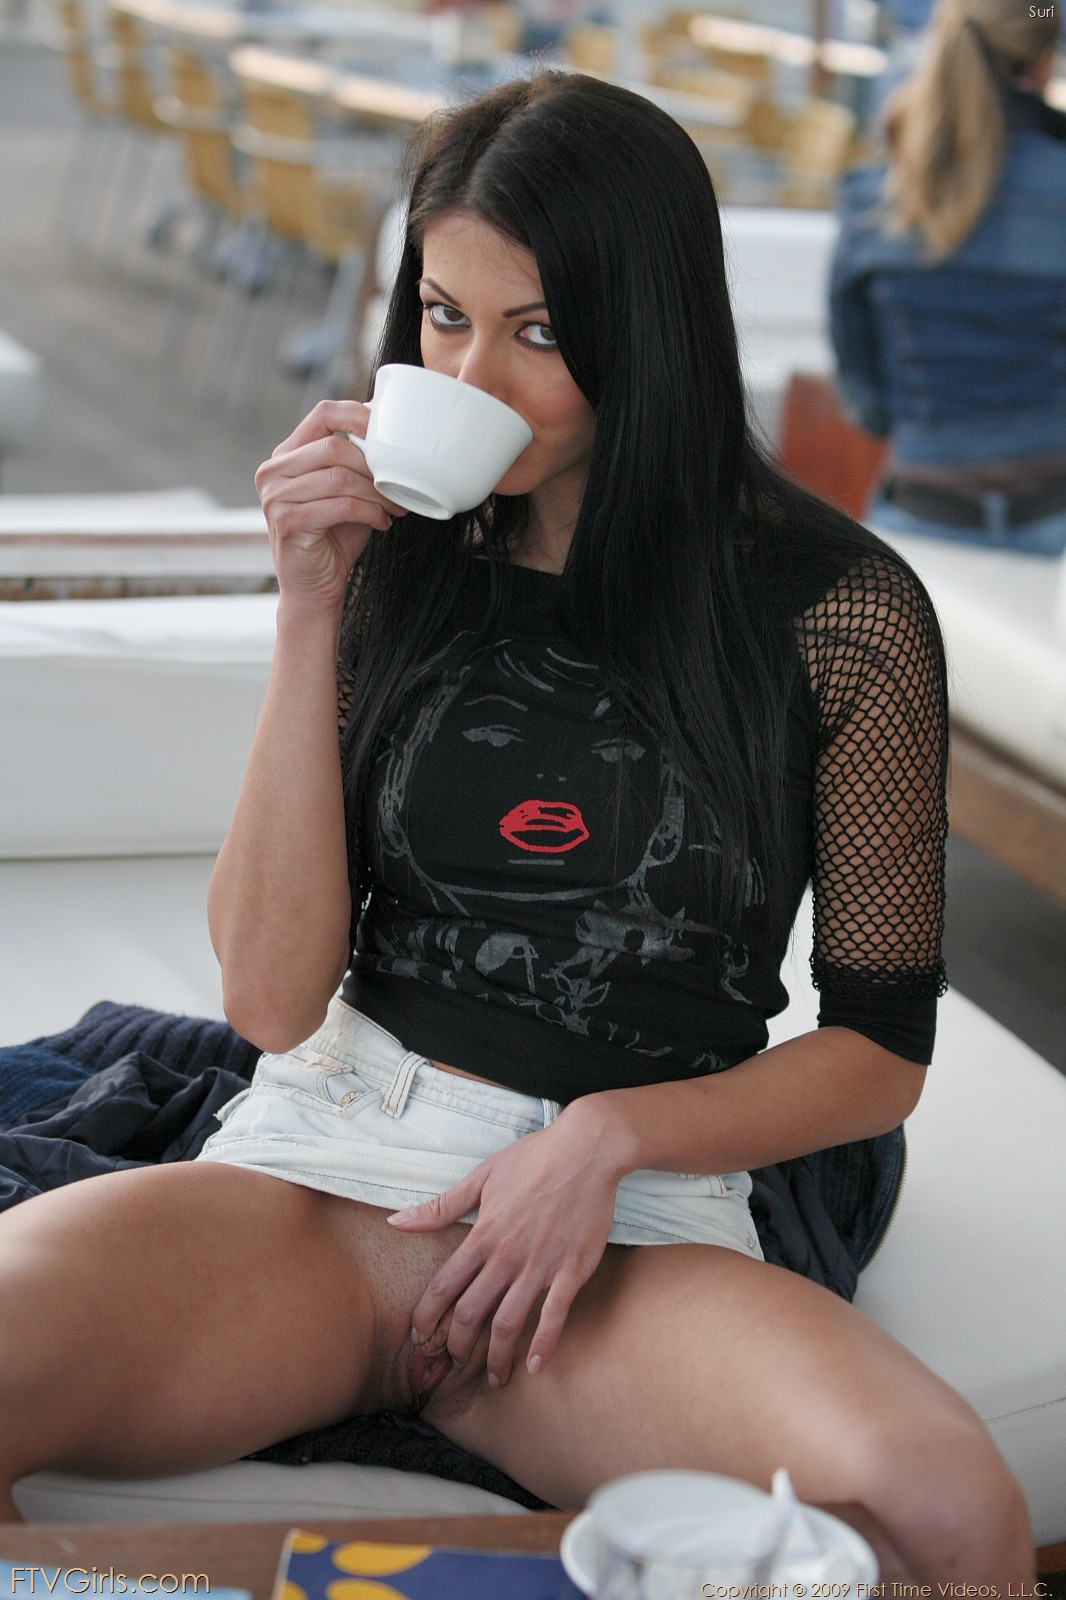 Брюнетка Brigitte Hunter в мини-юбке показала свою побритую пизду на посреди улицы